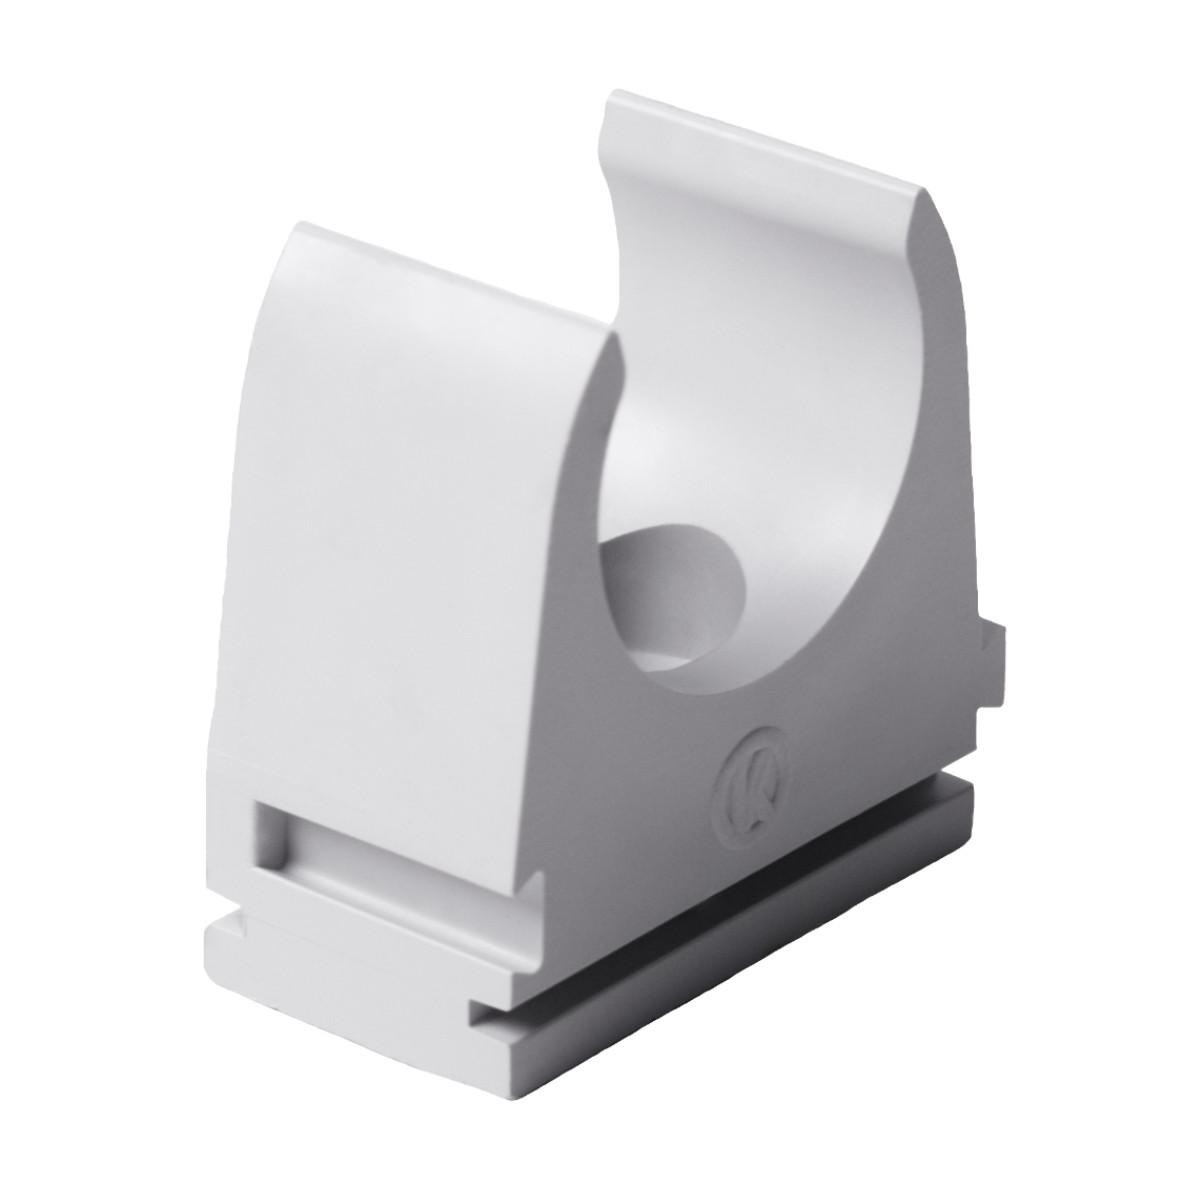 Кріплення труби 32 мм ; Ø32мм; полікарбонат; безгалогенна; t застосування -45-90 °с; світло-сіра; Упаковка 10 шт